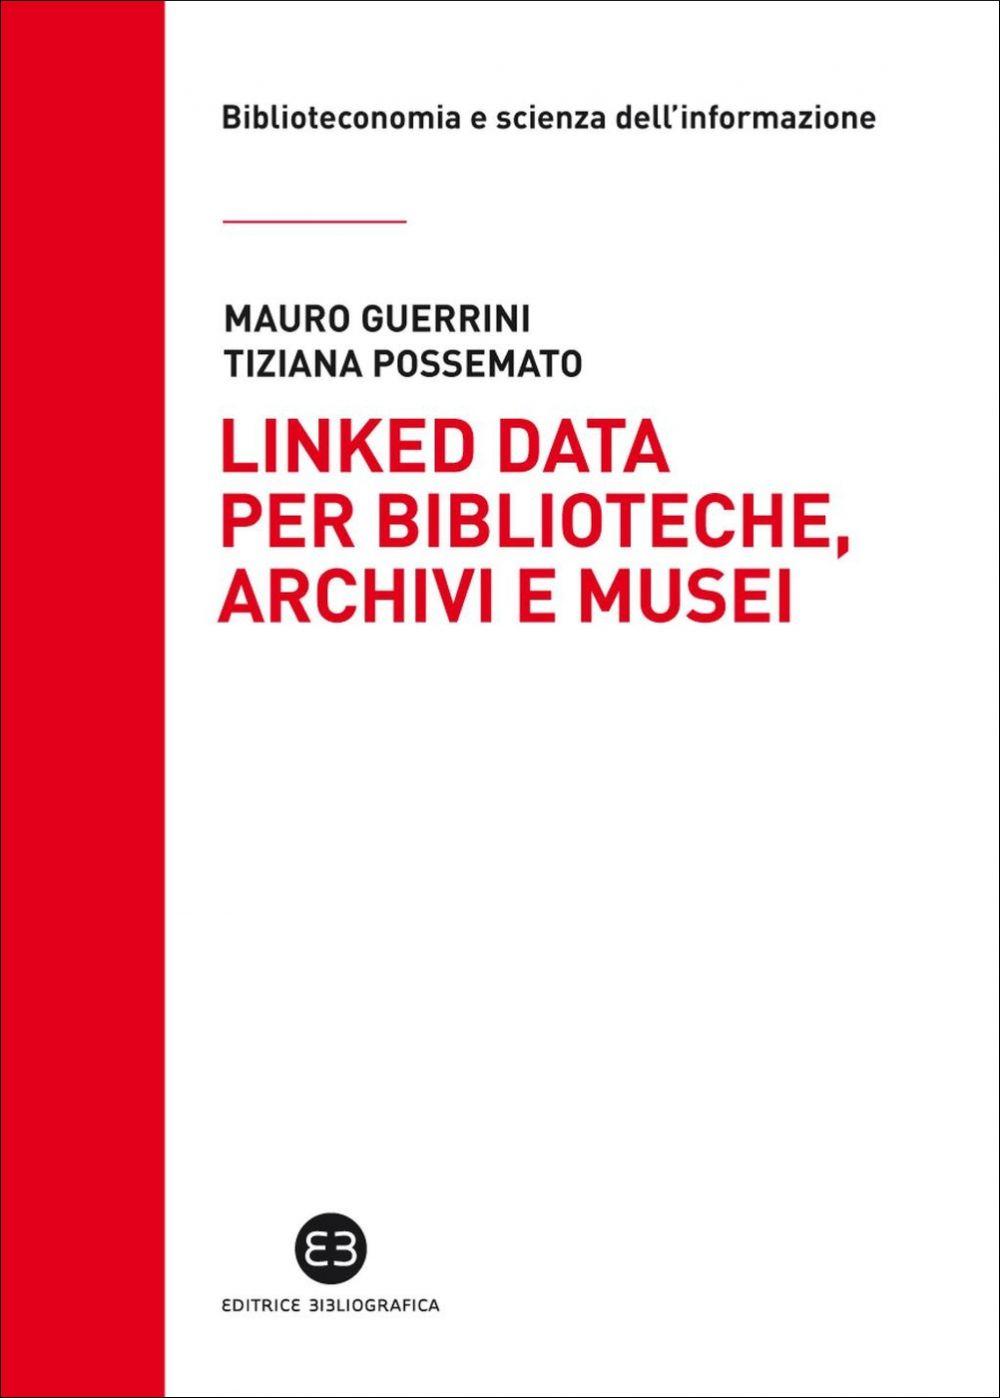 Linked data per biblioteche, archivi e musei